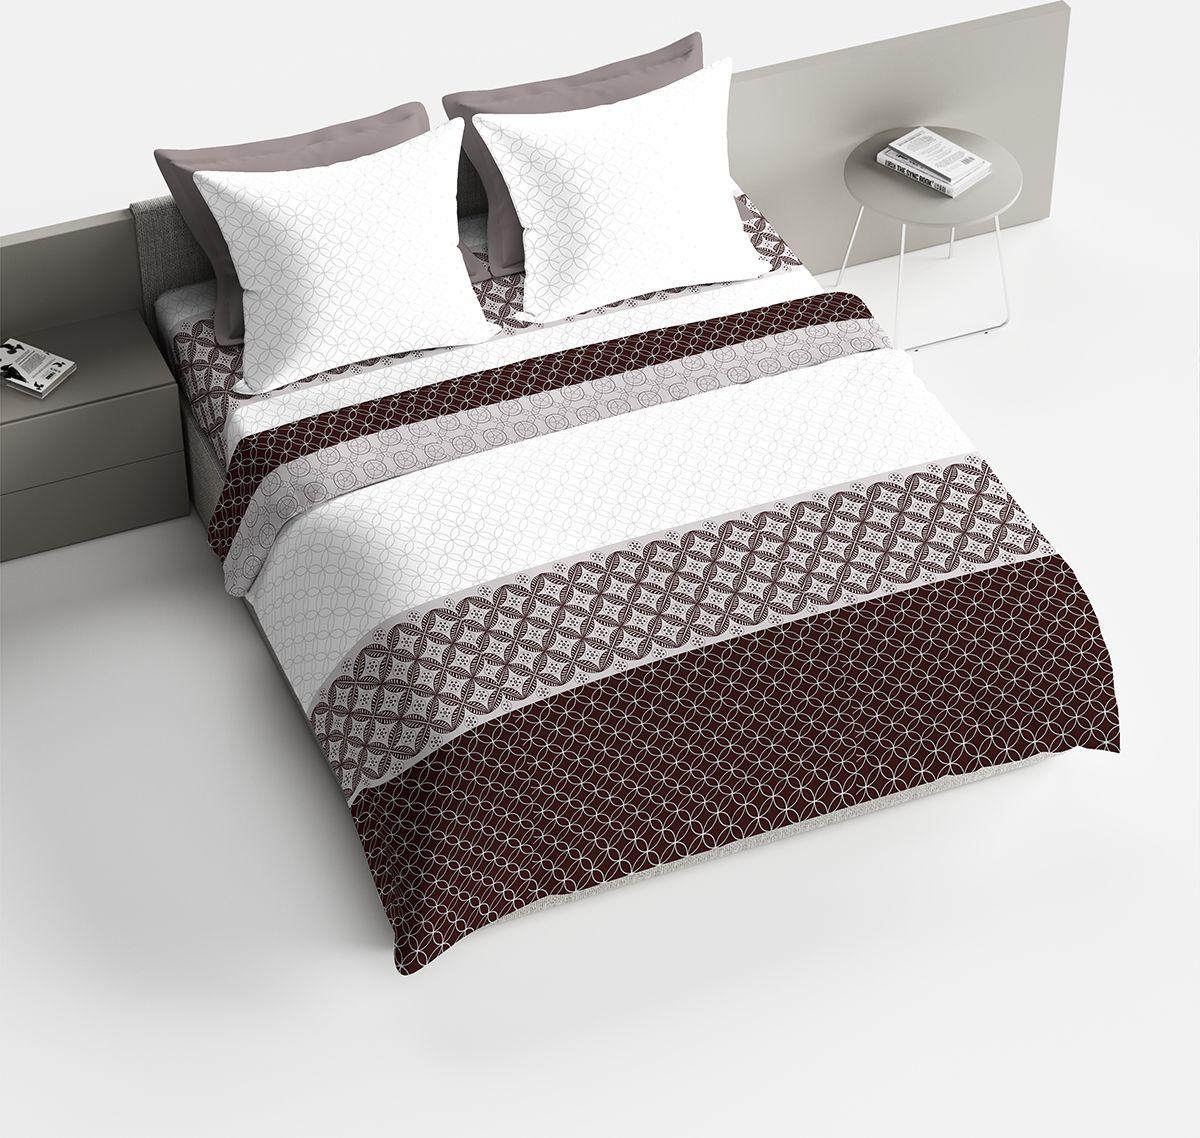 Комплект белья Браво Мокко, евро, наволочки 70x70, цвет: коричневый. 4077-187745